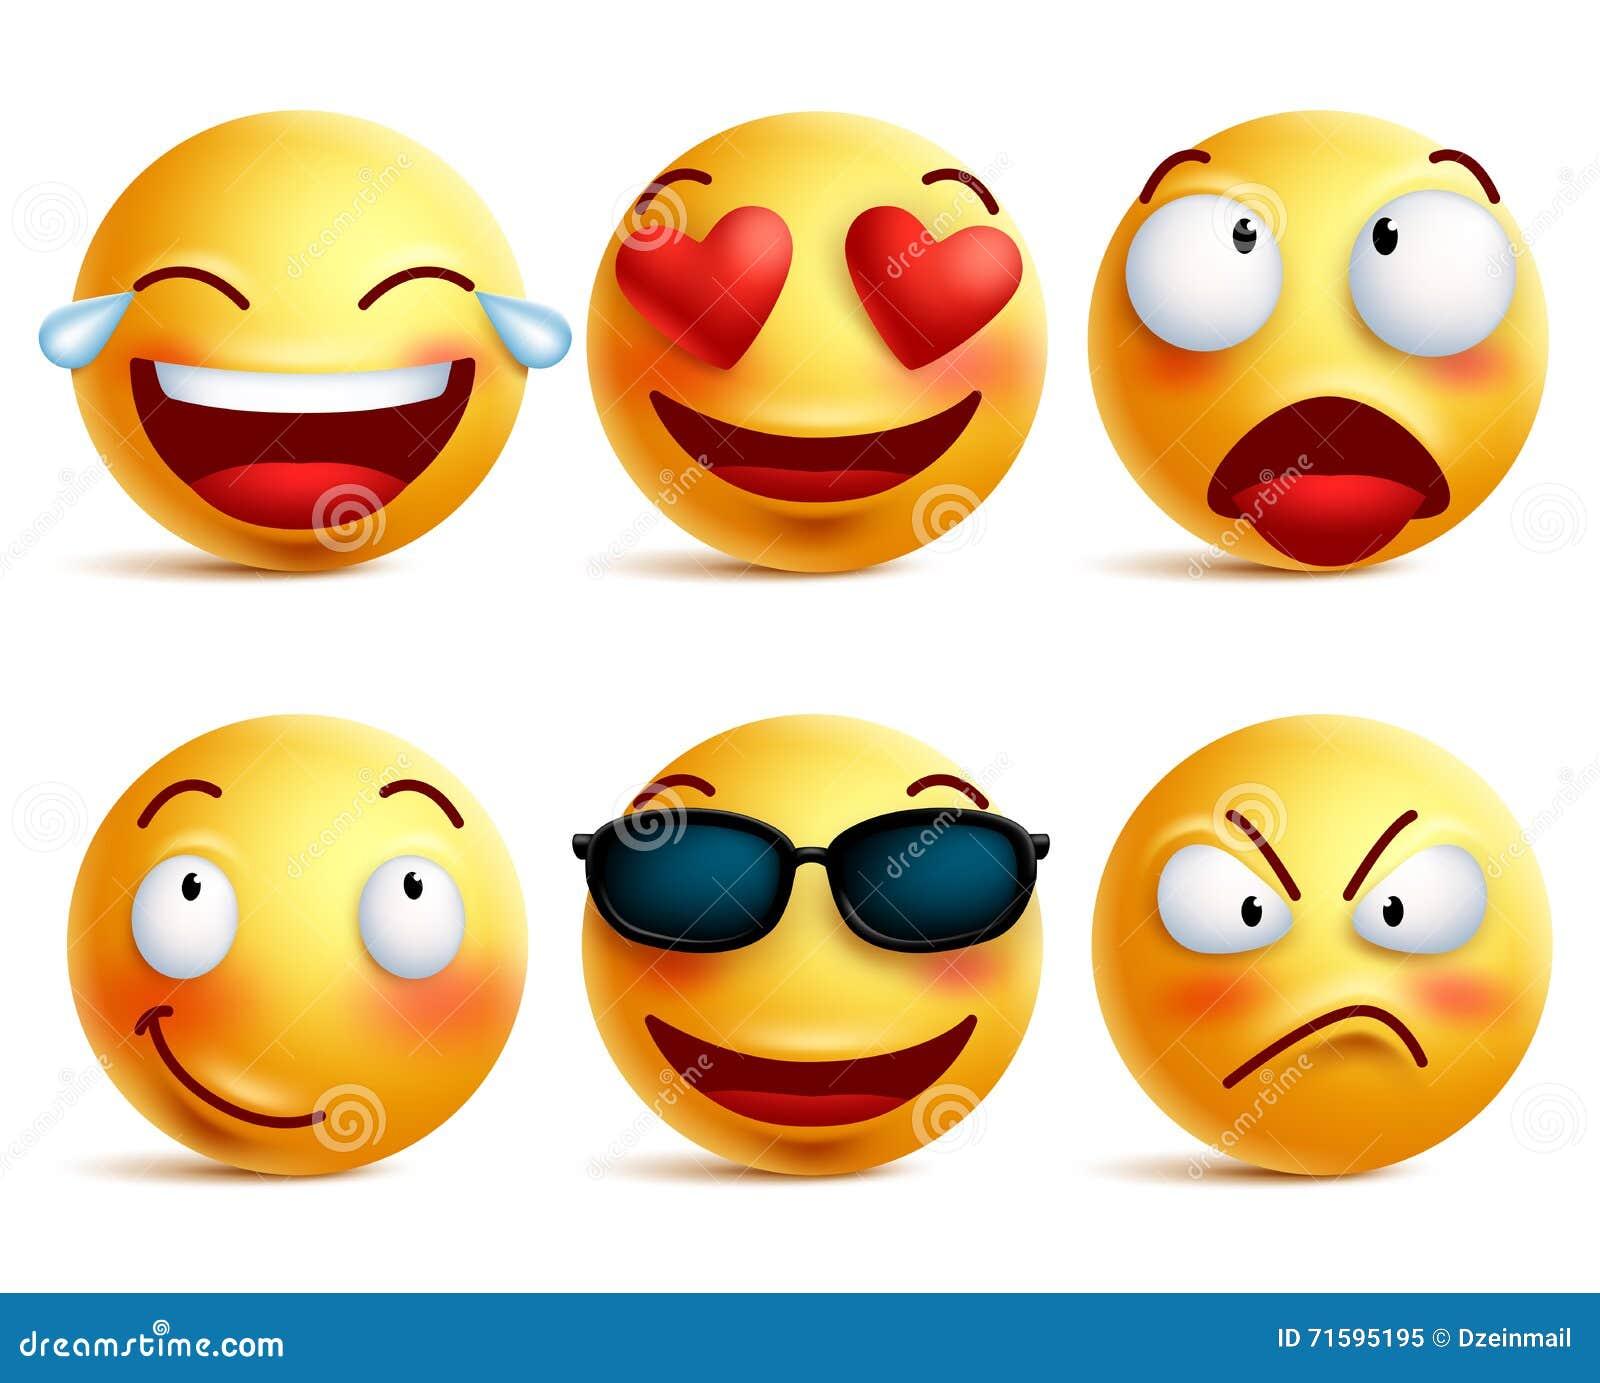 兴高采烈的面孔象或黄色意思号与情感滑稽的面孔